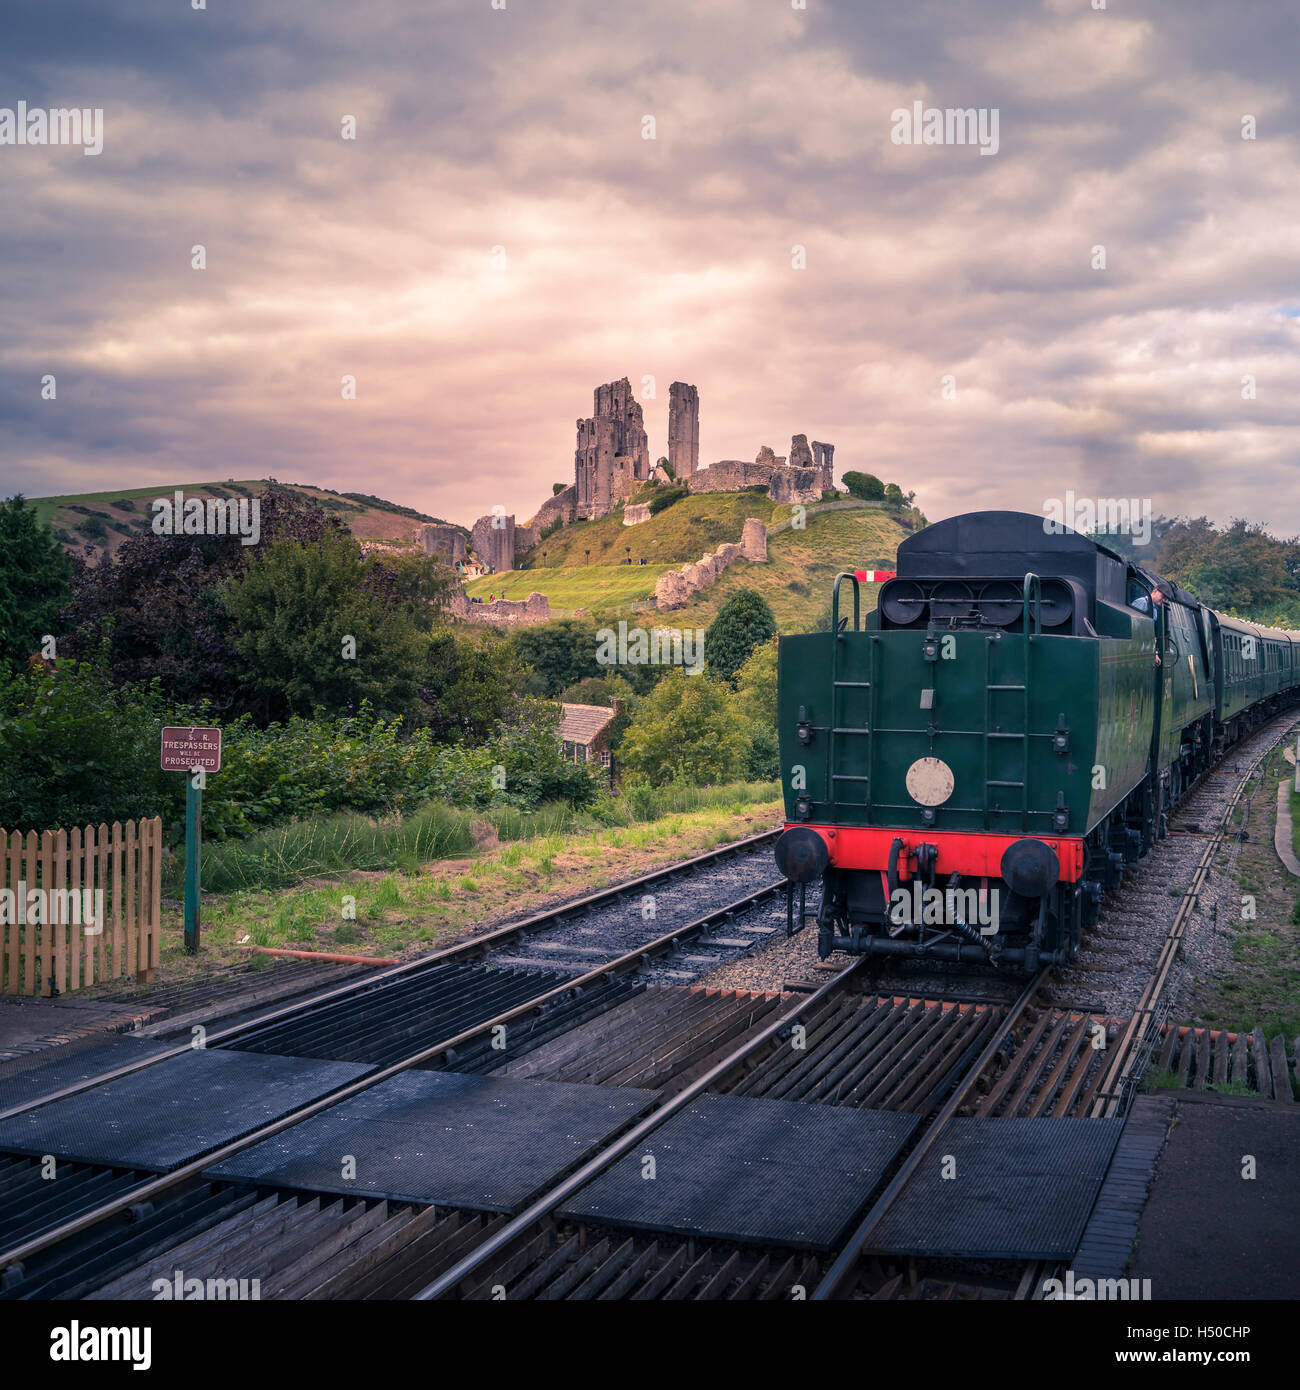 TRAIN AT CORFE  CASTLE - Stock Image